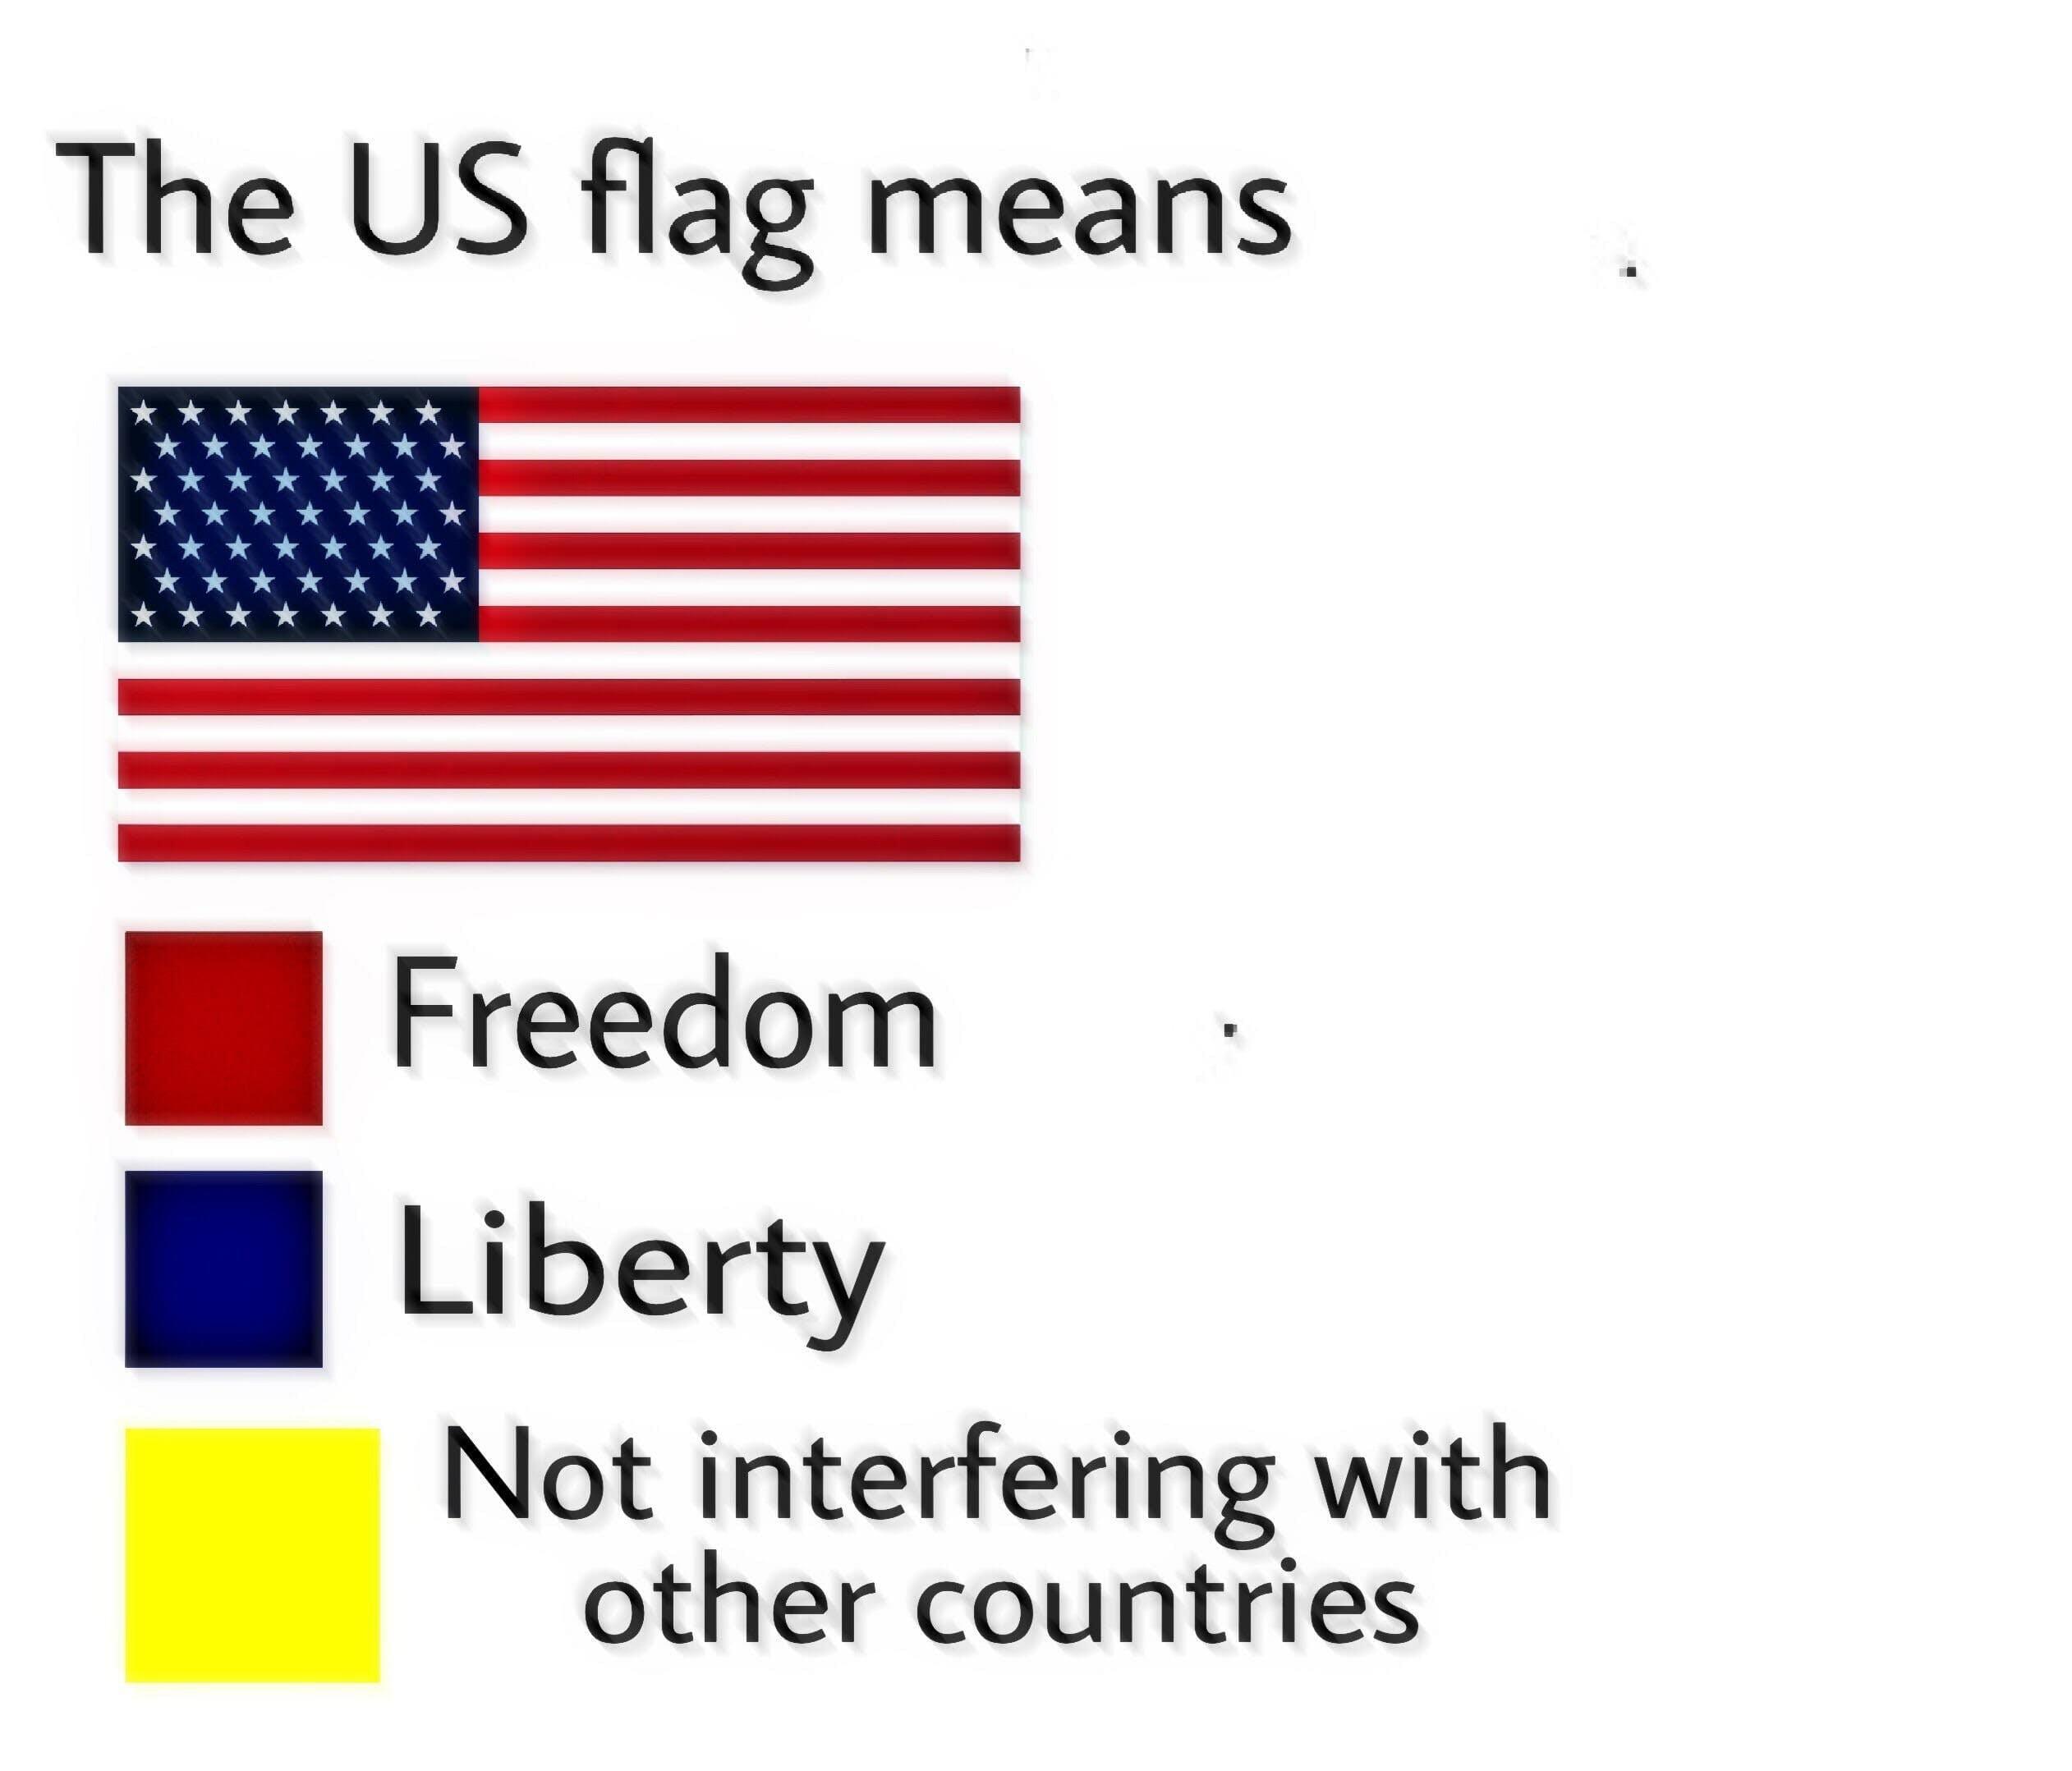 u.s. flag meme